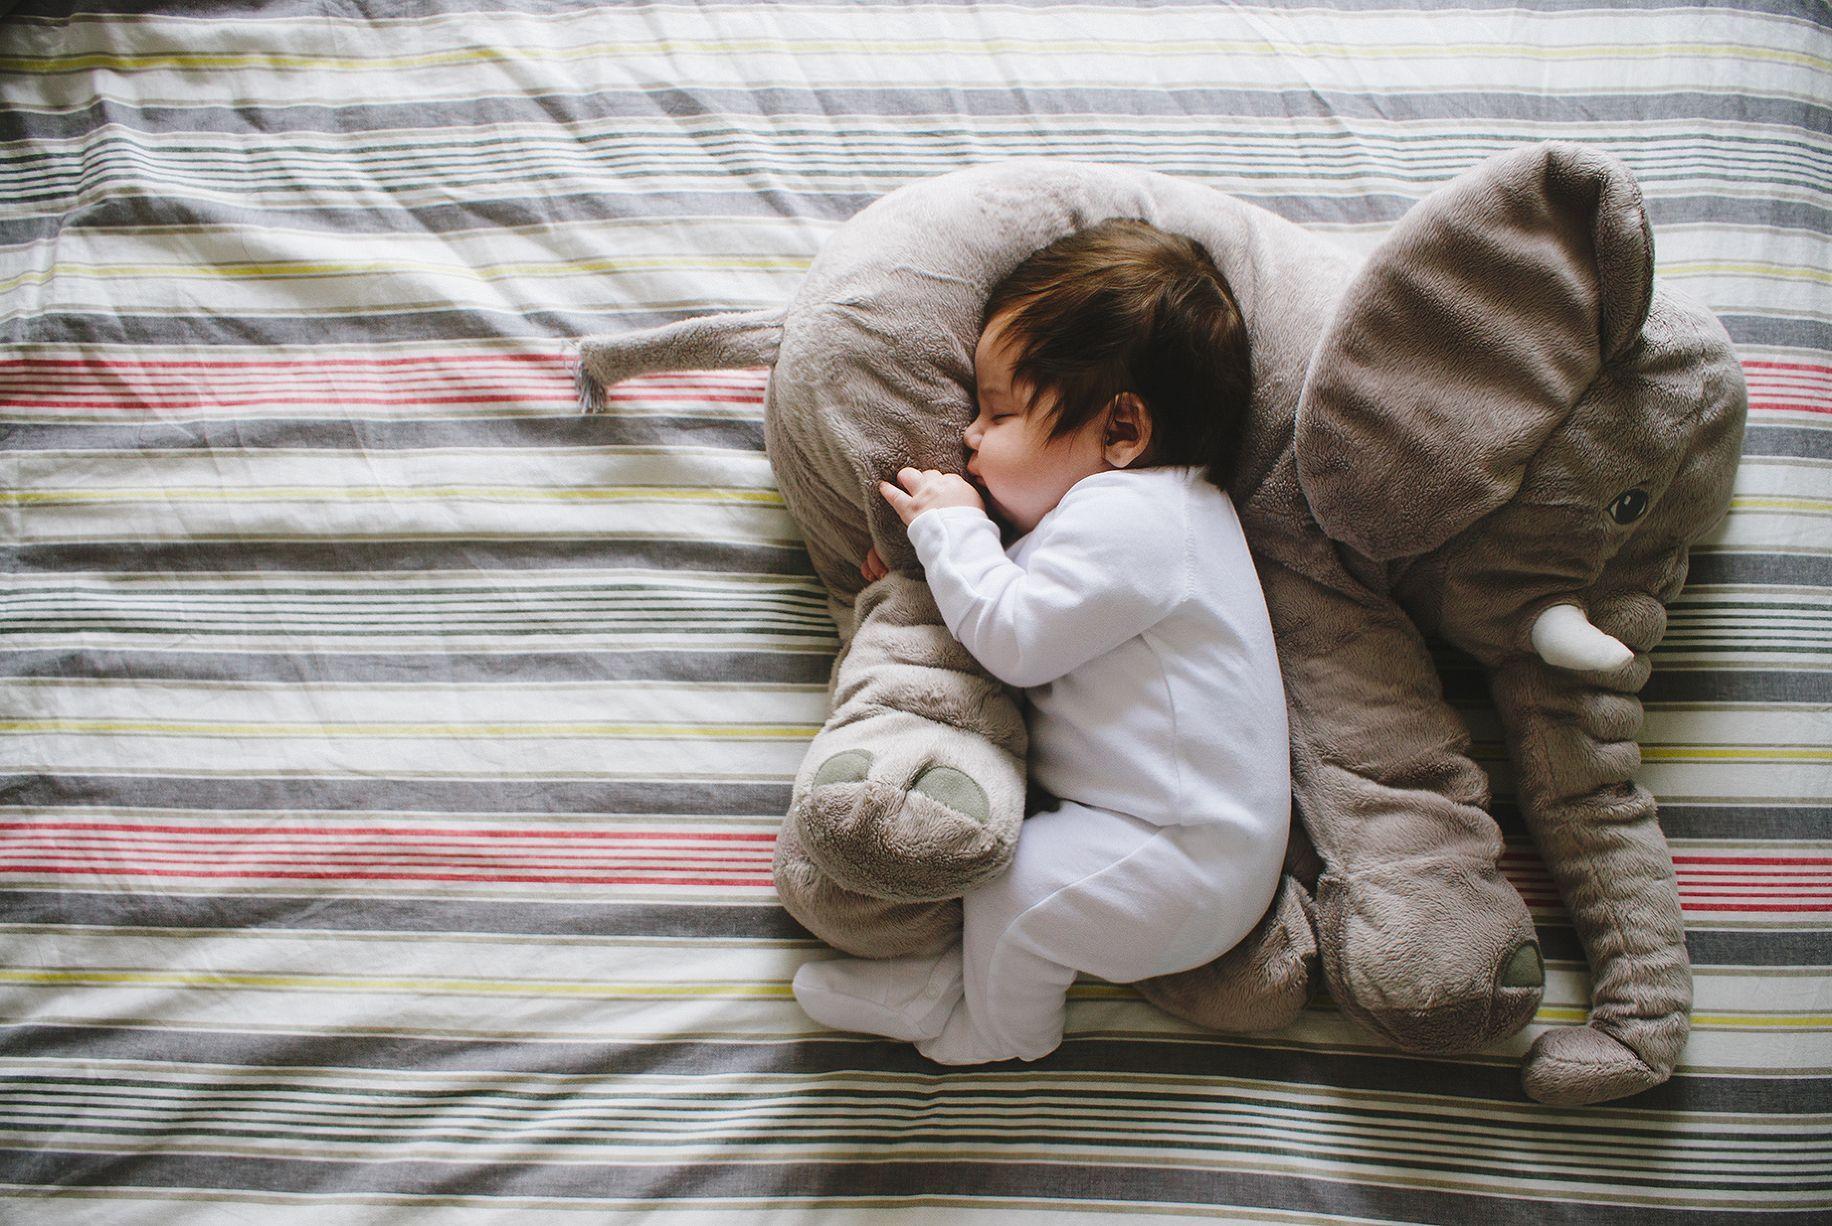 اجمل الصور اطفال فى العالم فيس بوك Baby Girl Snowsuit Baby In Snow Baby Pillows